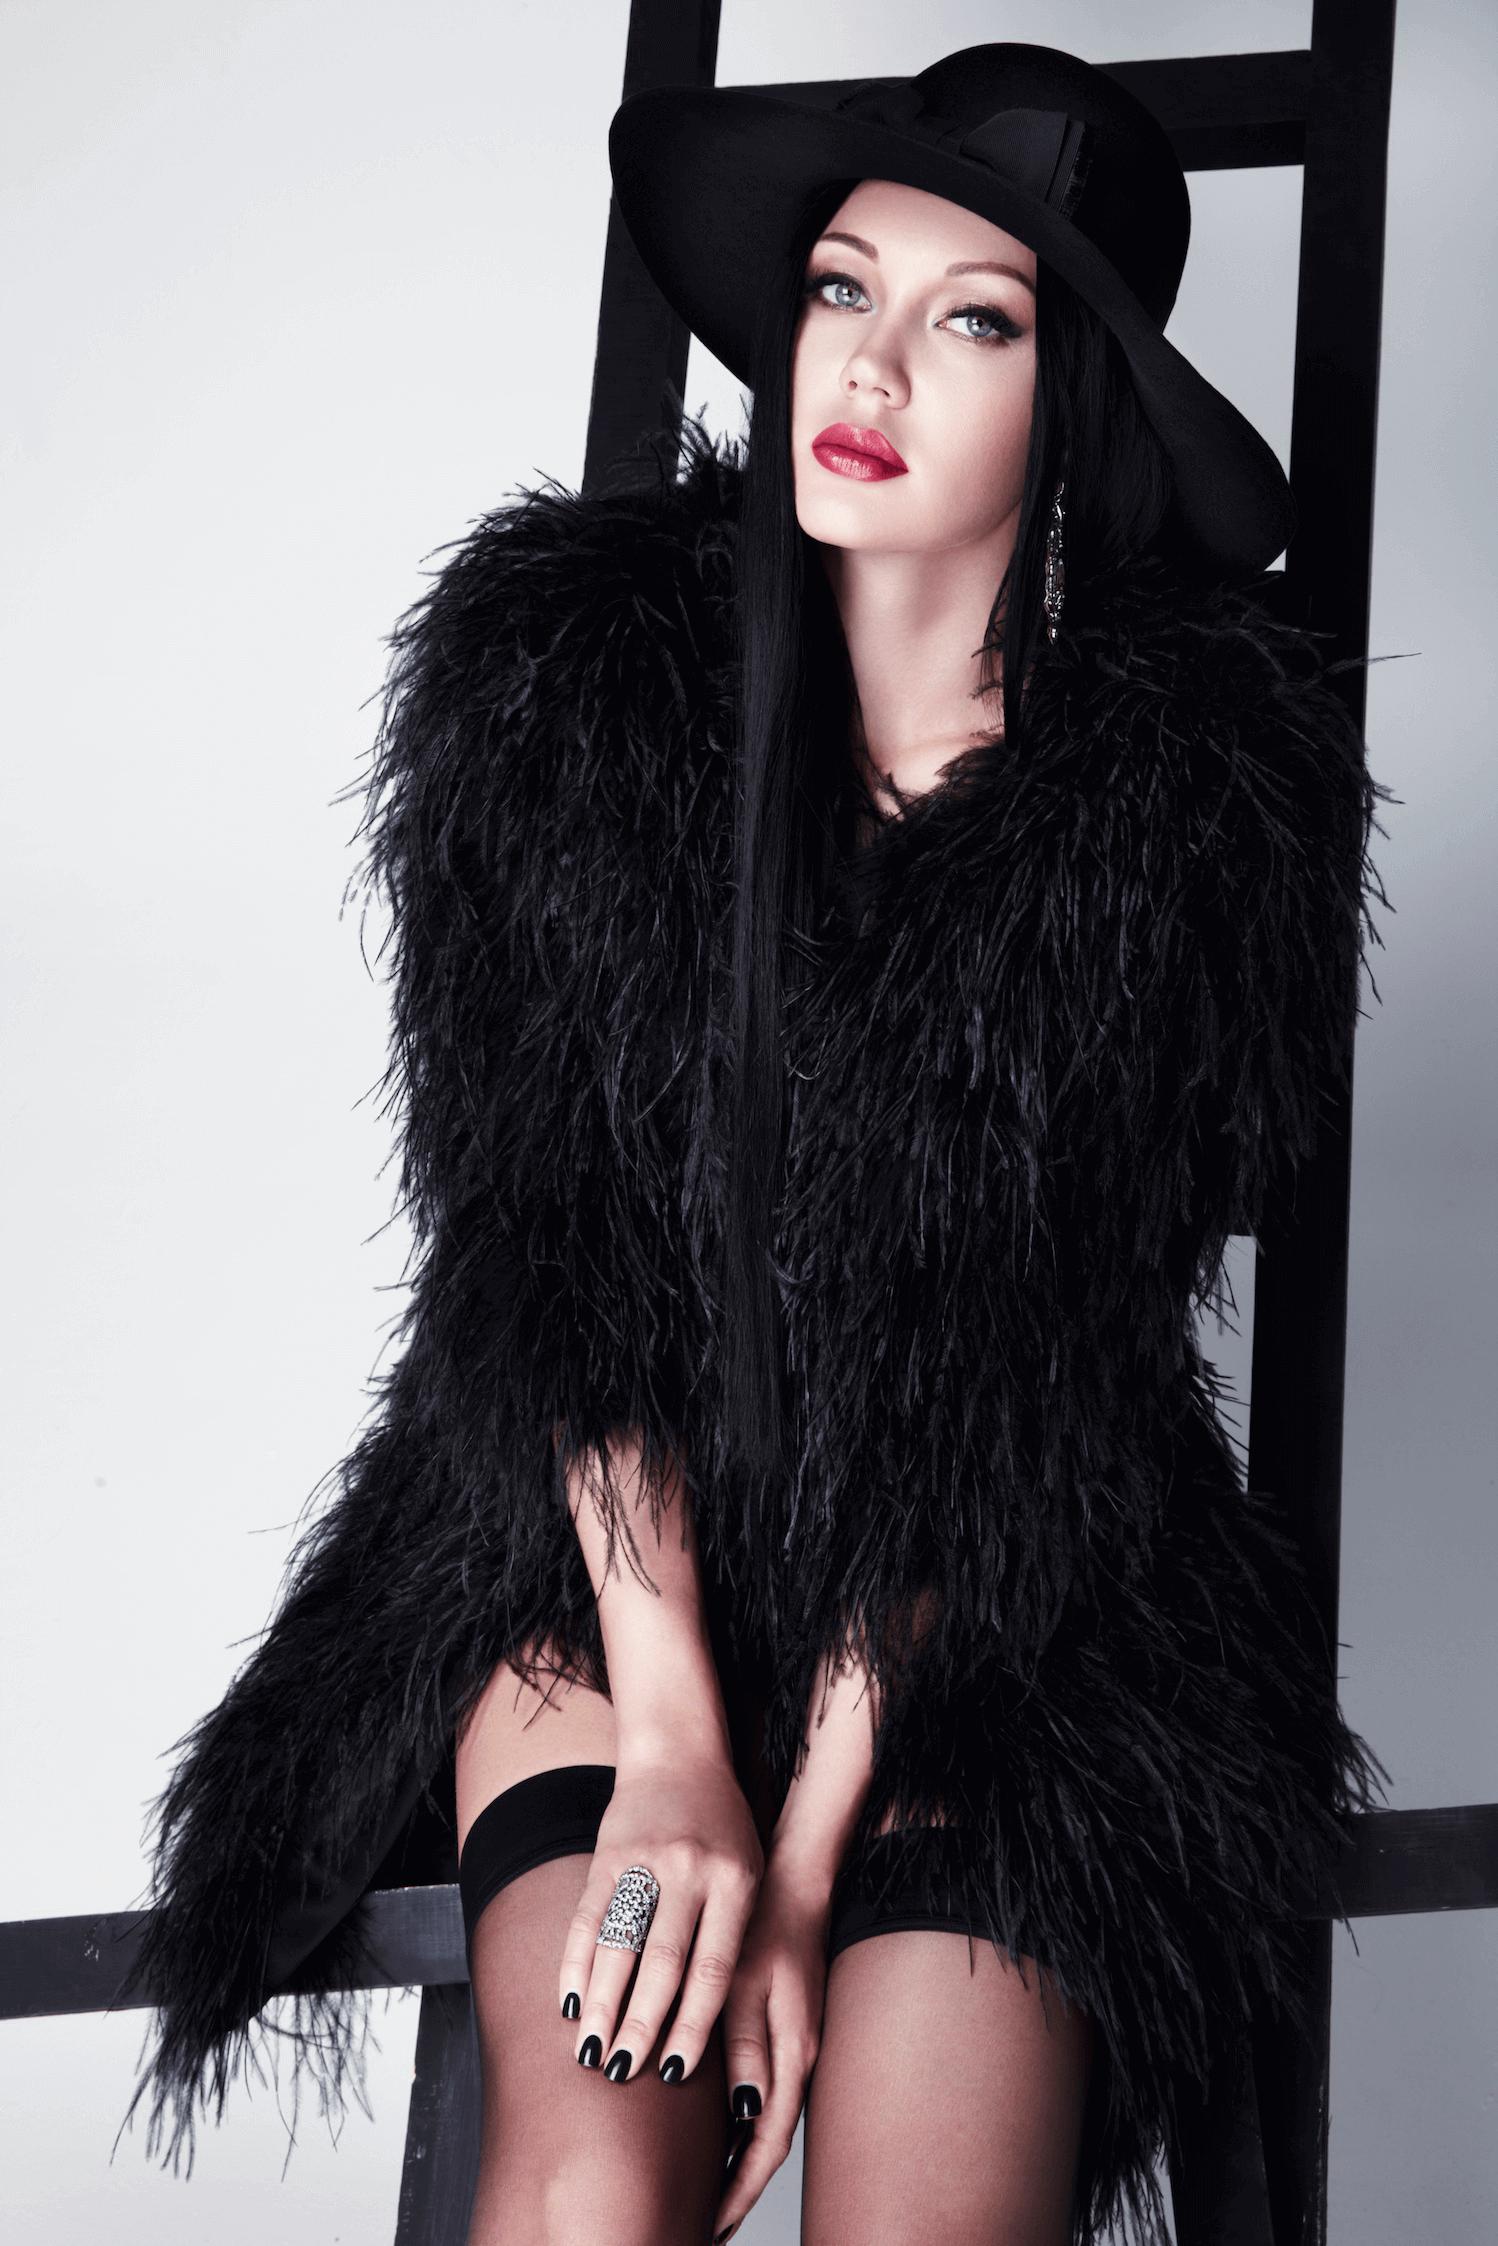 Mira и Fashion-фотограф Нияз